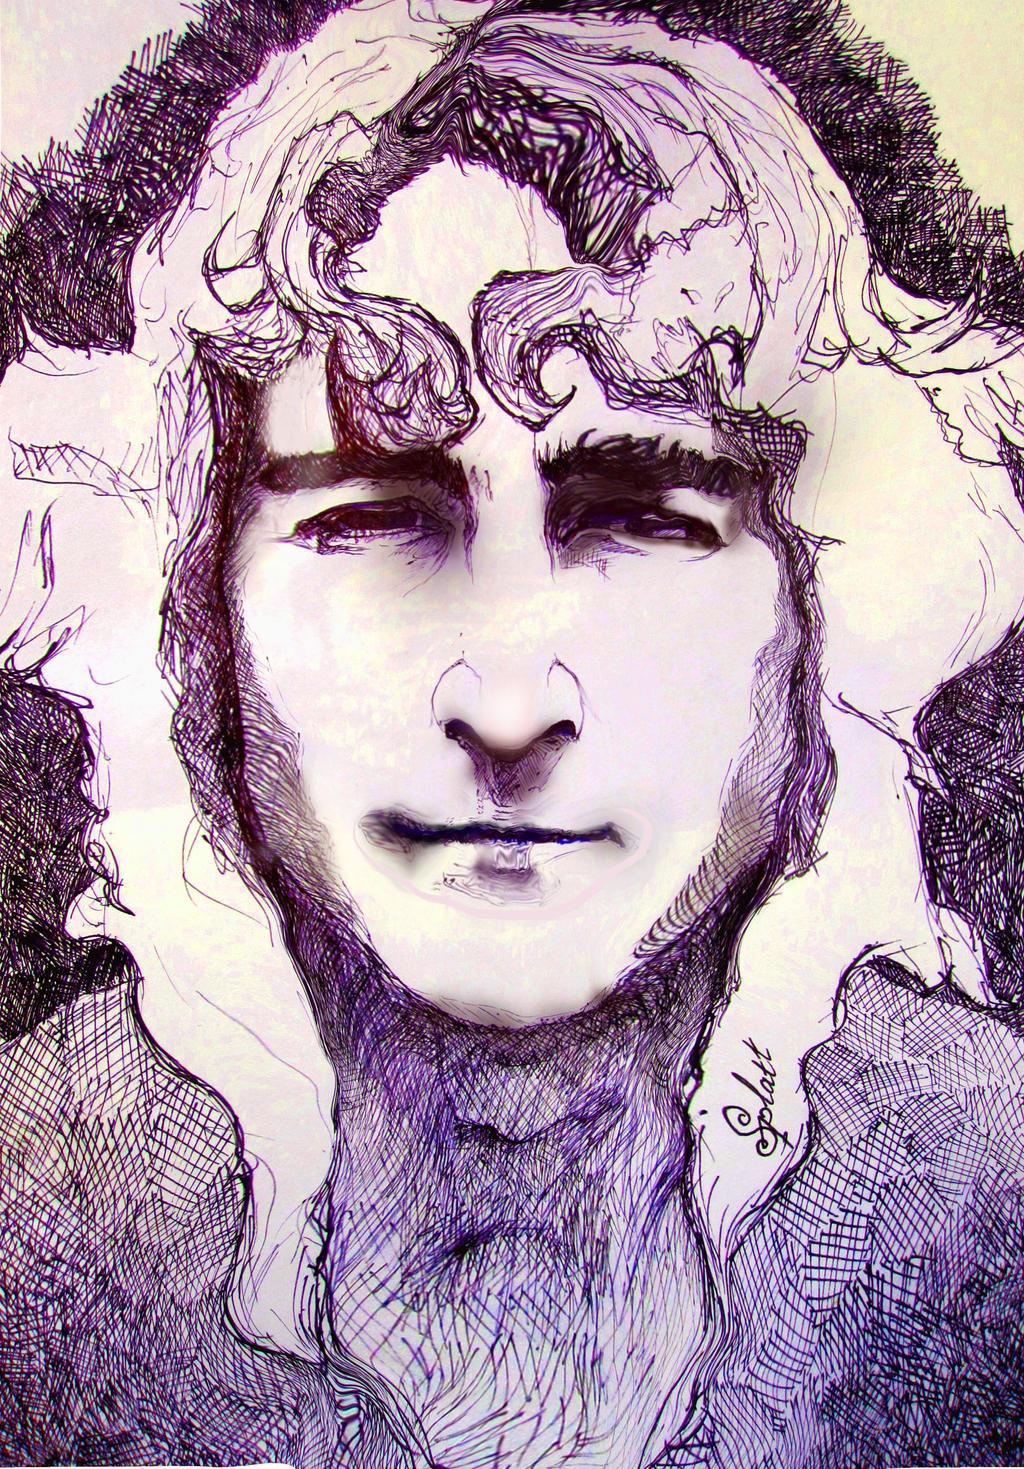 John Lennon Fanart By Quiklo On Deviantart